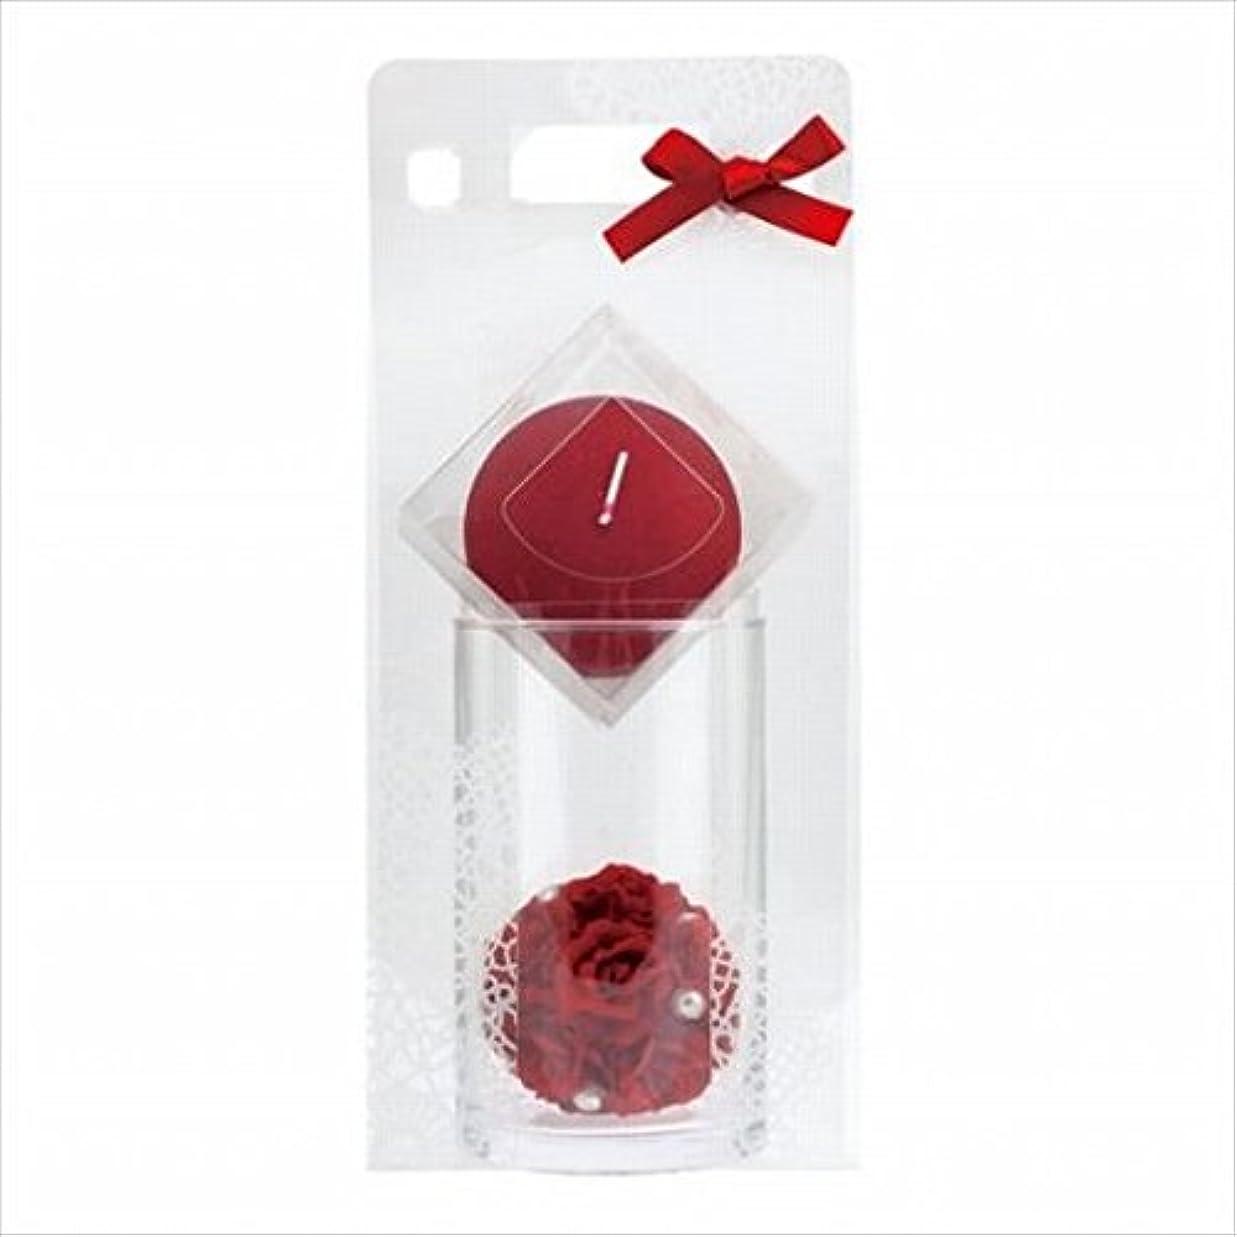 驚き案件精巧なkameyama candle(カメヤマキャンドル) ローズボールセット 「 ワインレッド 」 キャンドル ギフトセット(66031000WR)